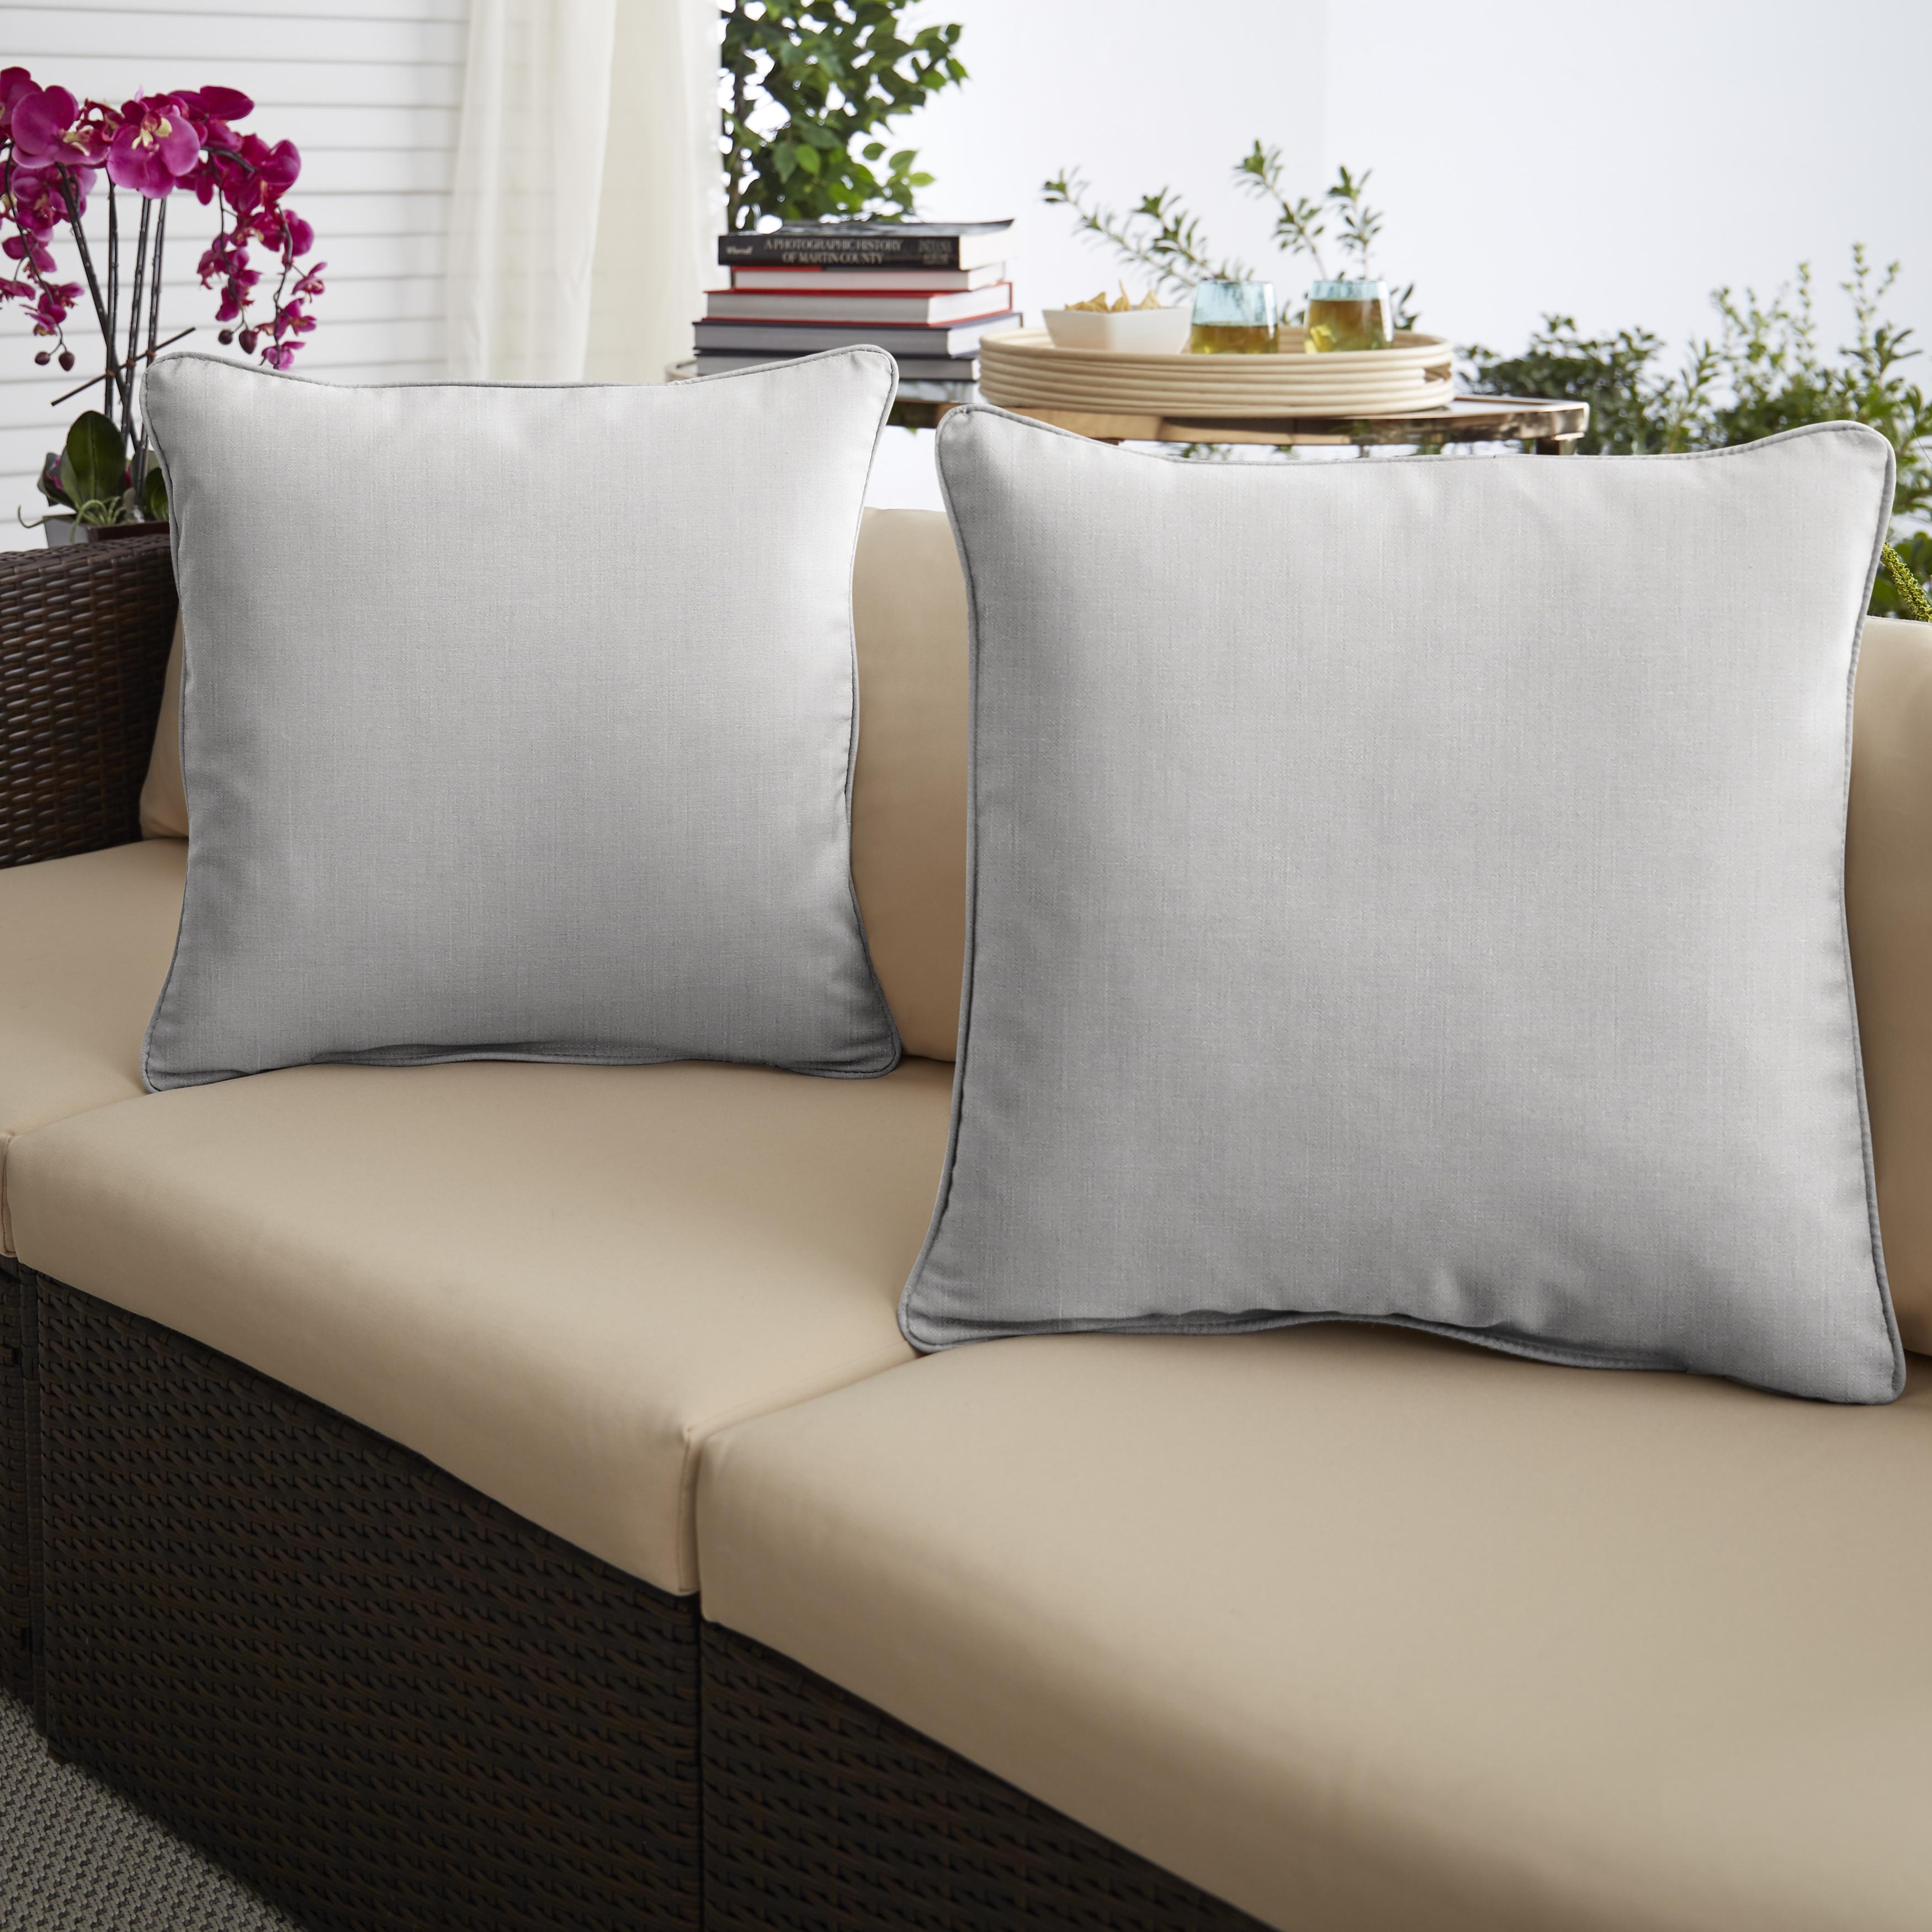 Sunbrella Pumice Set of 2 Outdoor Pillows